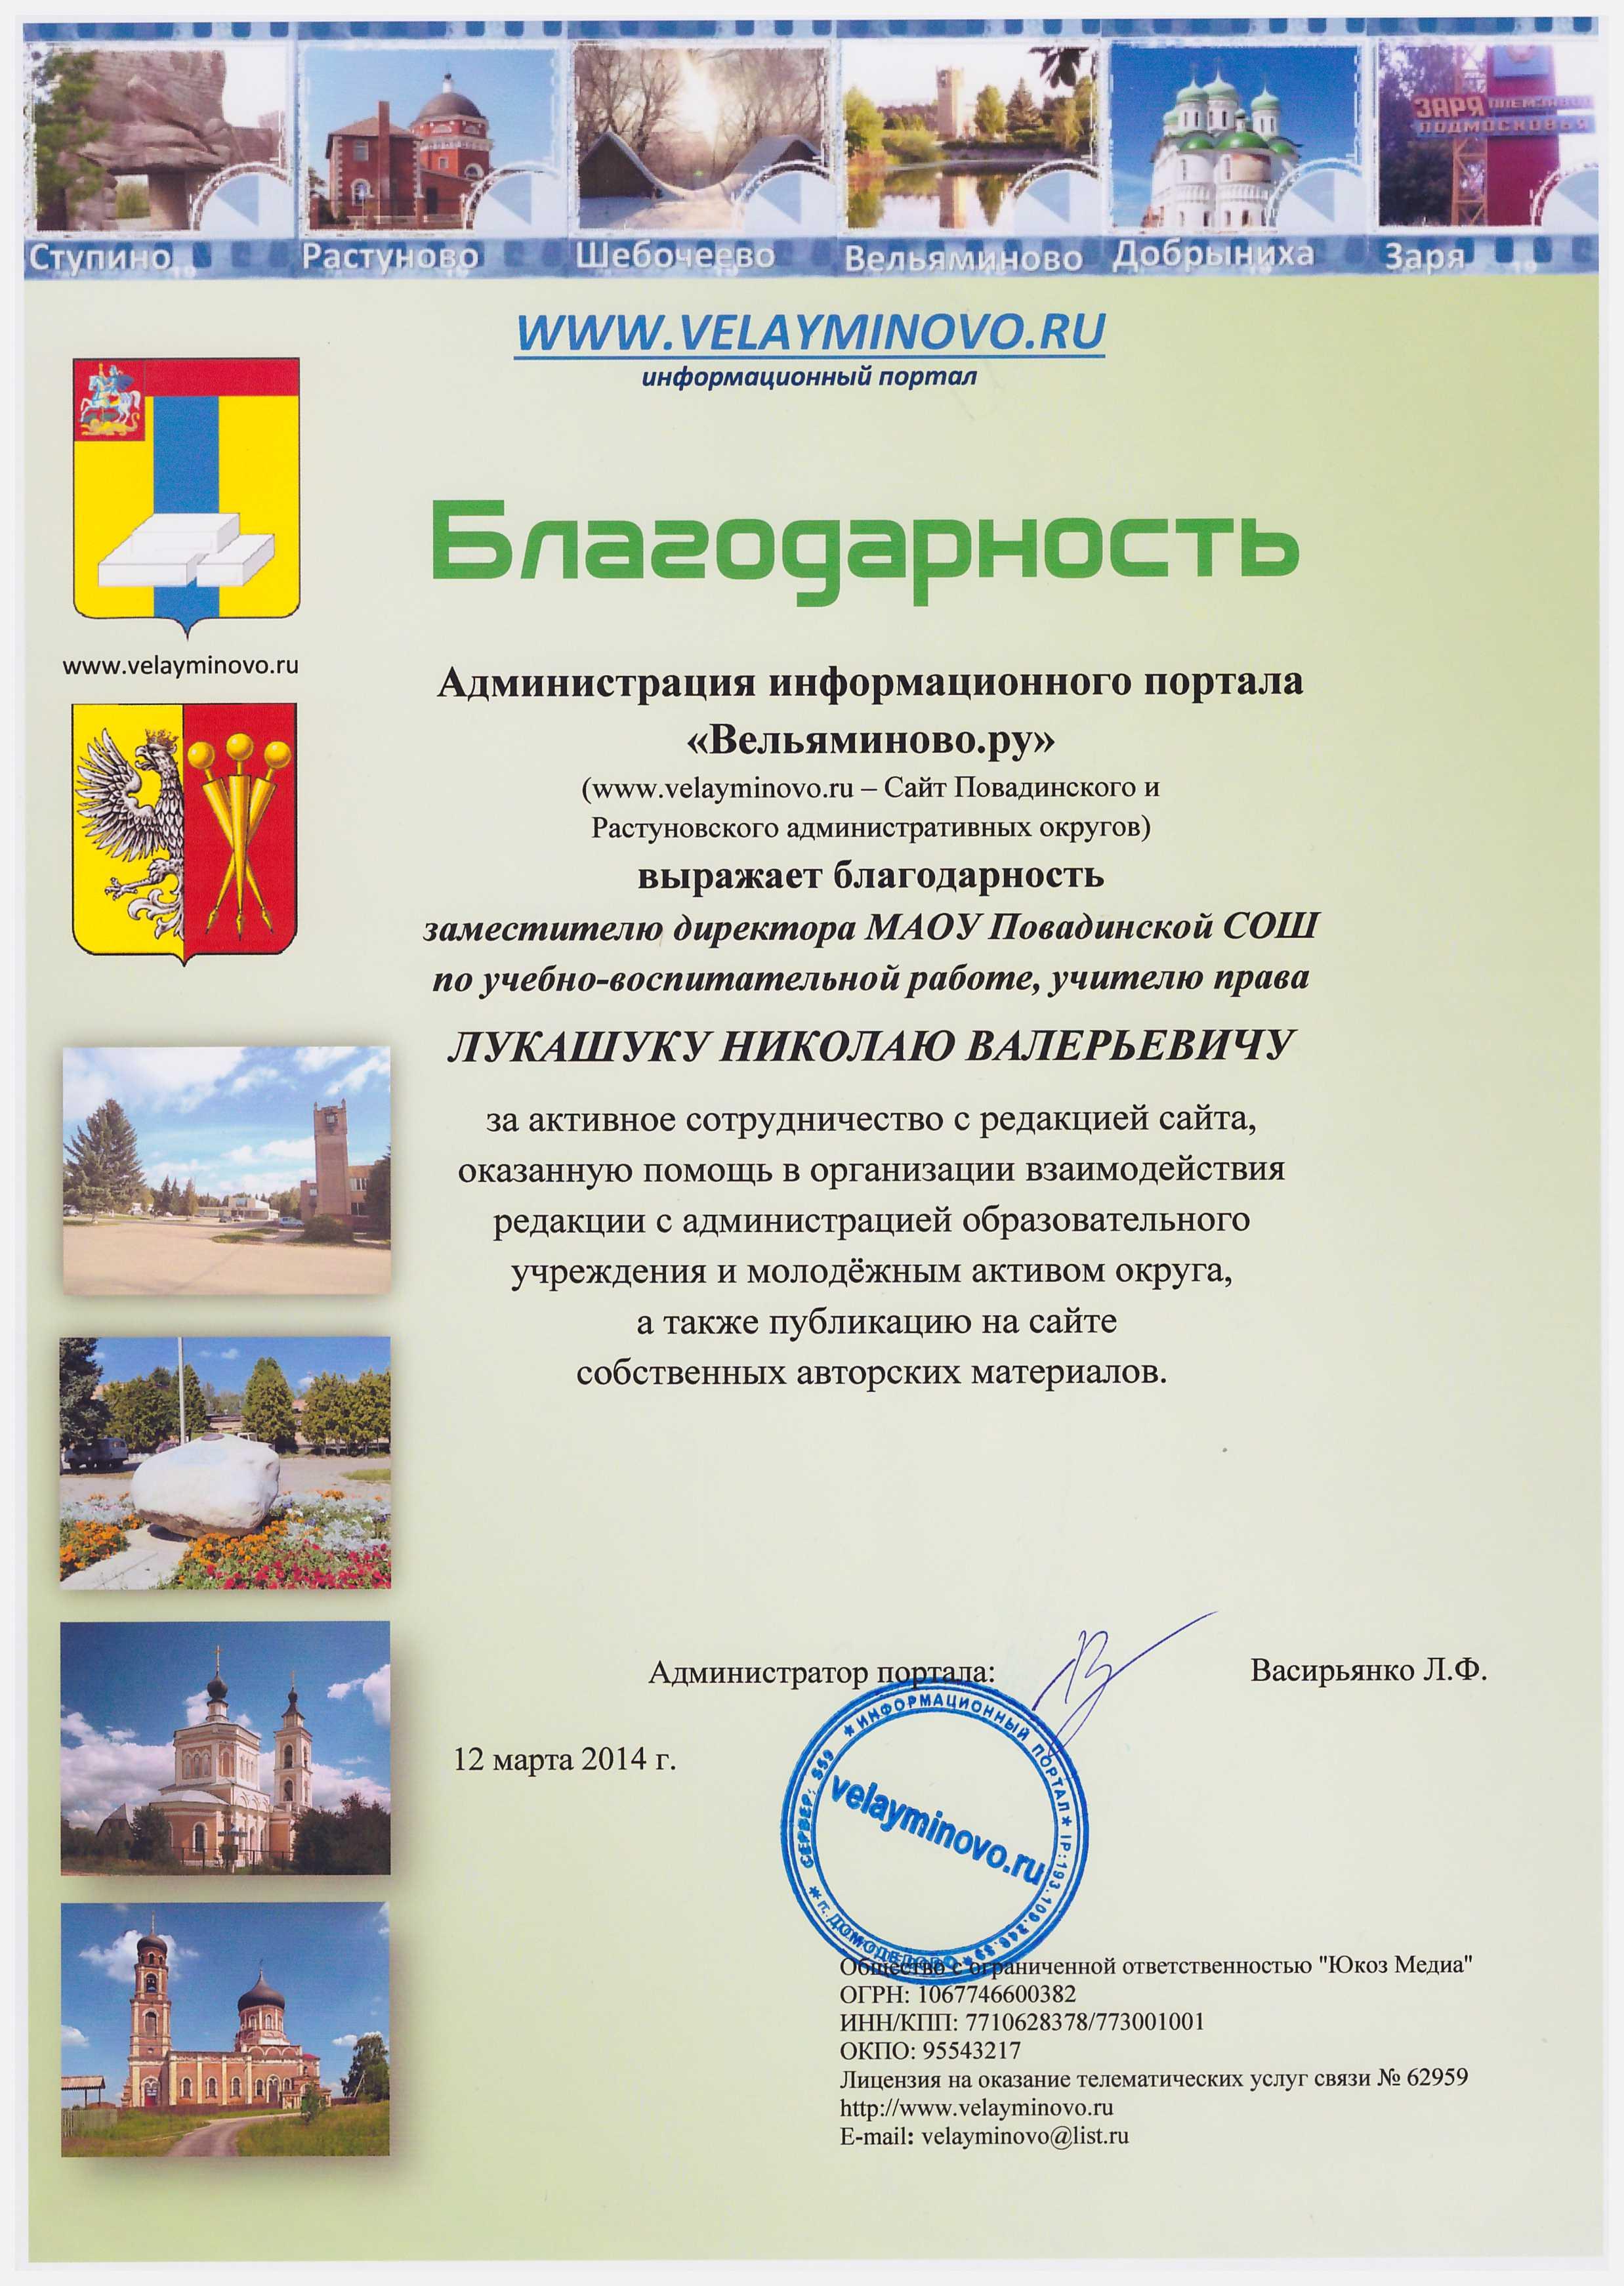 """Благодарность сайта """"Вельяминово.ру"""""""